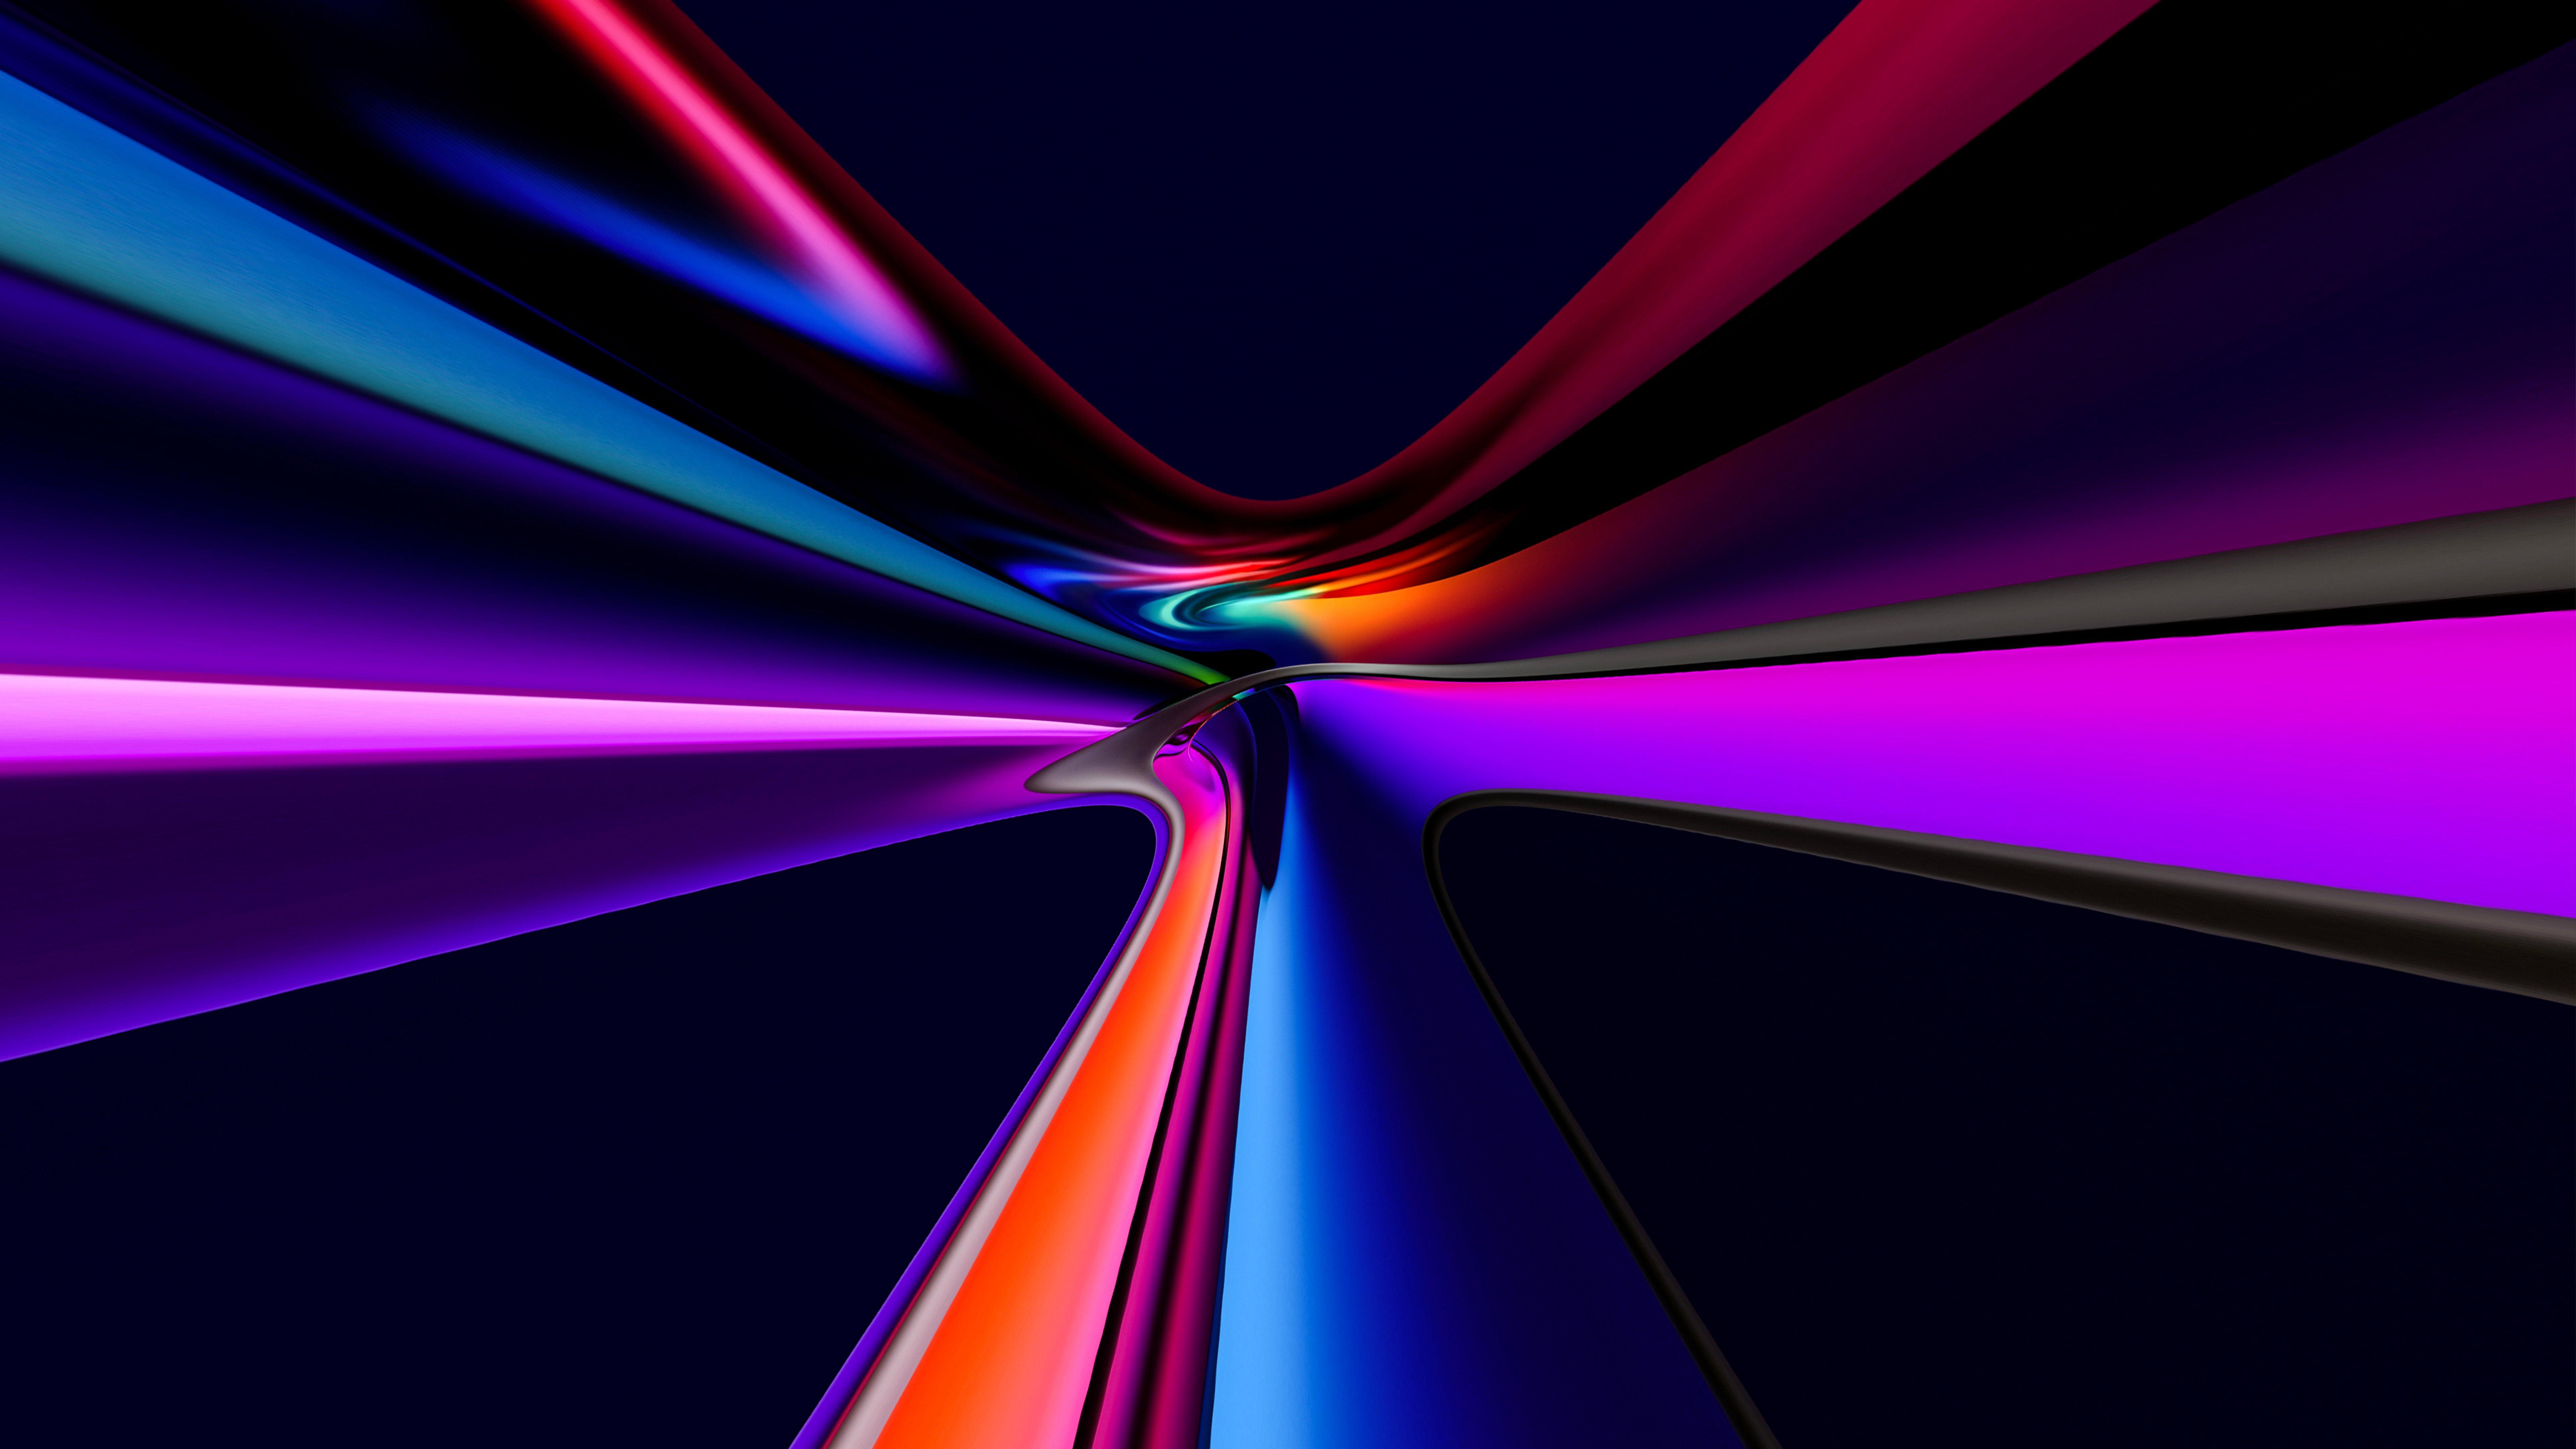 Fondos de pantalla Vidrio mezclado de colores